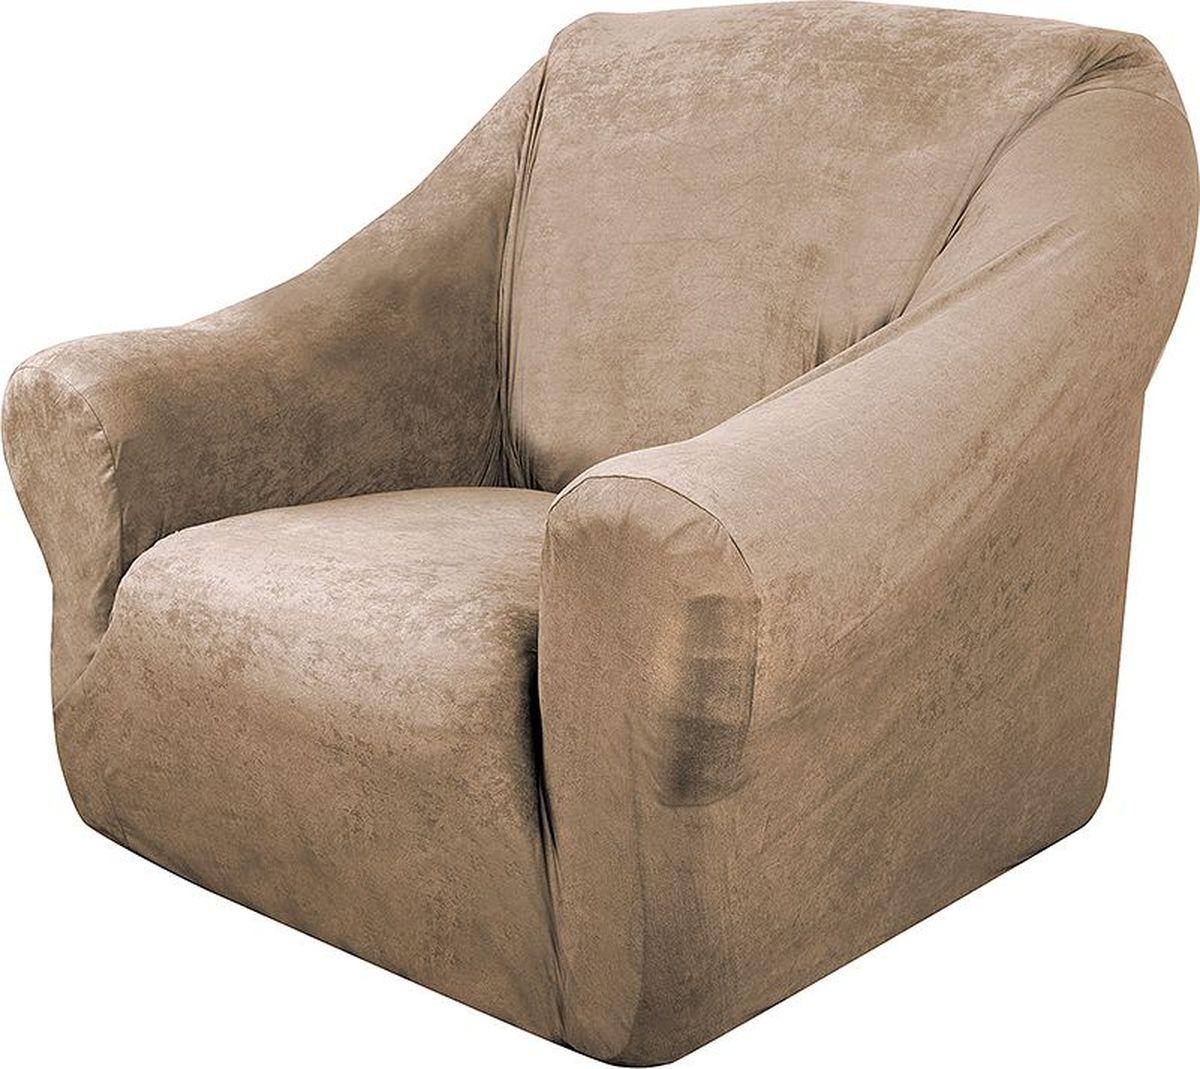 Чехол на кресло Медежда Лидс, цвет: бежевый1401071103000Чехол изготовлен из искусственной замши, очень приятен на ощупь, легко растягивается и выглядит почти как новая обивка дивана, подходит для большинства стандартных диванов с шириной спинки от 85 до 105 см. Искусственная замша сочетает в себе изящество, стиль и характерные эффекты натуральной замши с прочностью, износостойкостью и фантастическими техническими характеристиками самых современных материалов.По внешнему виду современные искусственные аналоги практически неотличимы от натуральной замши, имеют максимальное визуальное сходство и создают неповторимое ощущение теплоты и пространства.